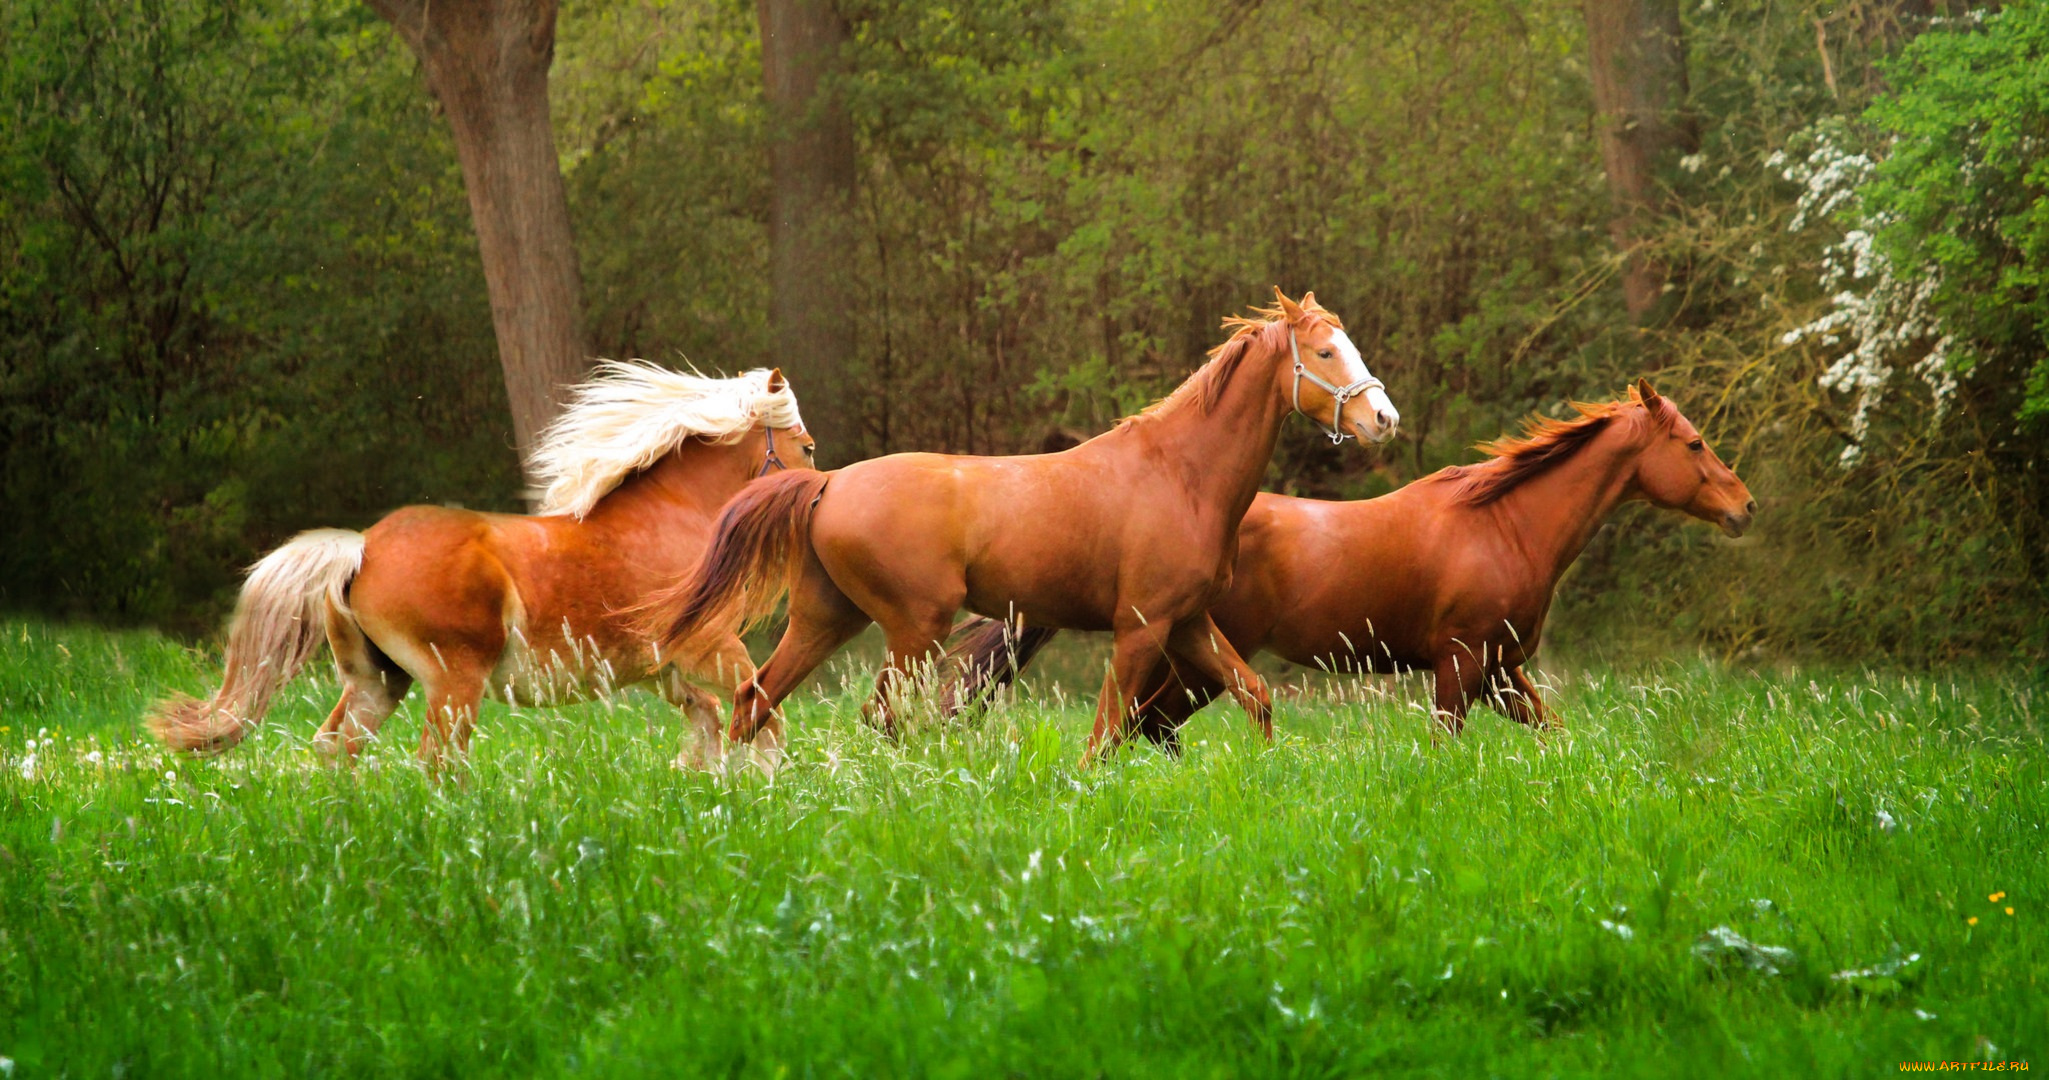 рисунок графика лошадь природа животные figure graphics horse nature animals  № 3925576 бесплатно